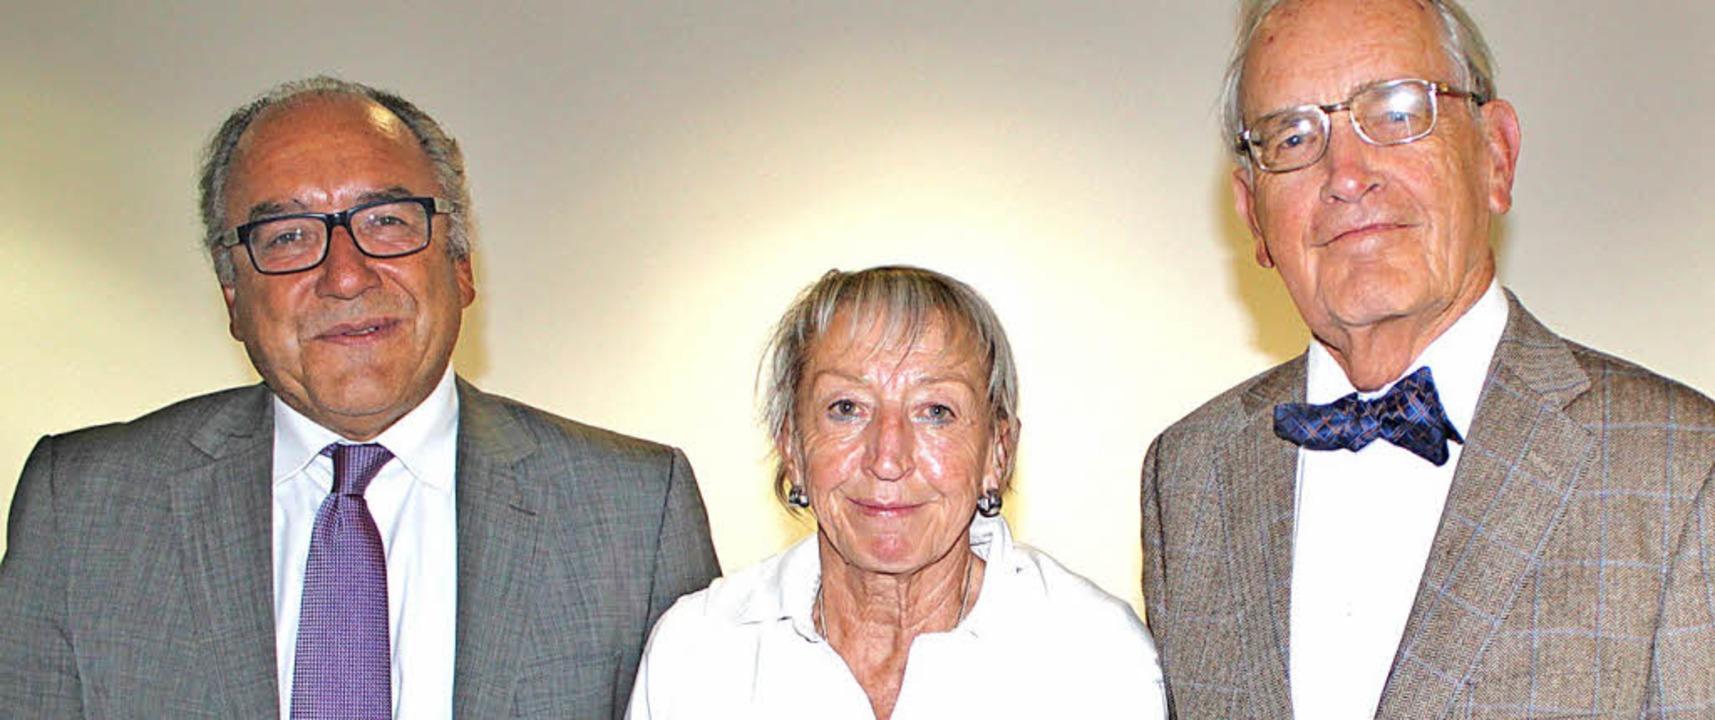 Klaus Schäuble, Hannelore Nuss und Han... Hauptversammlung nicht anwesend sein.  | Foto: Rolf Reißmann